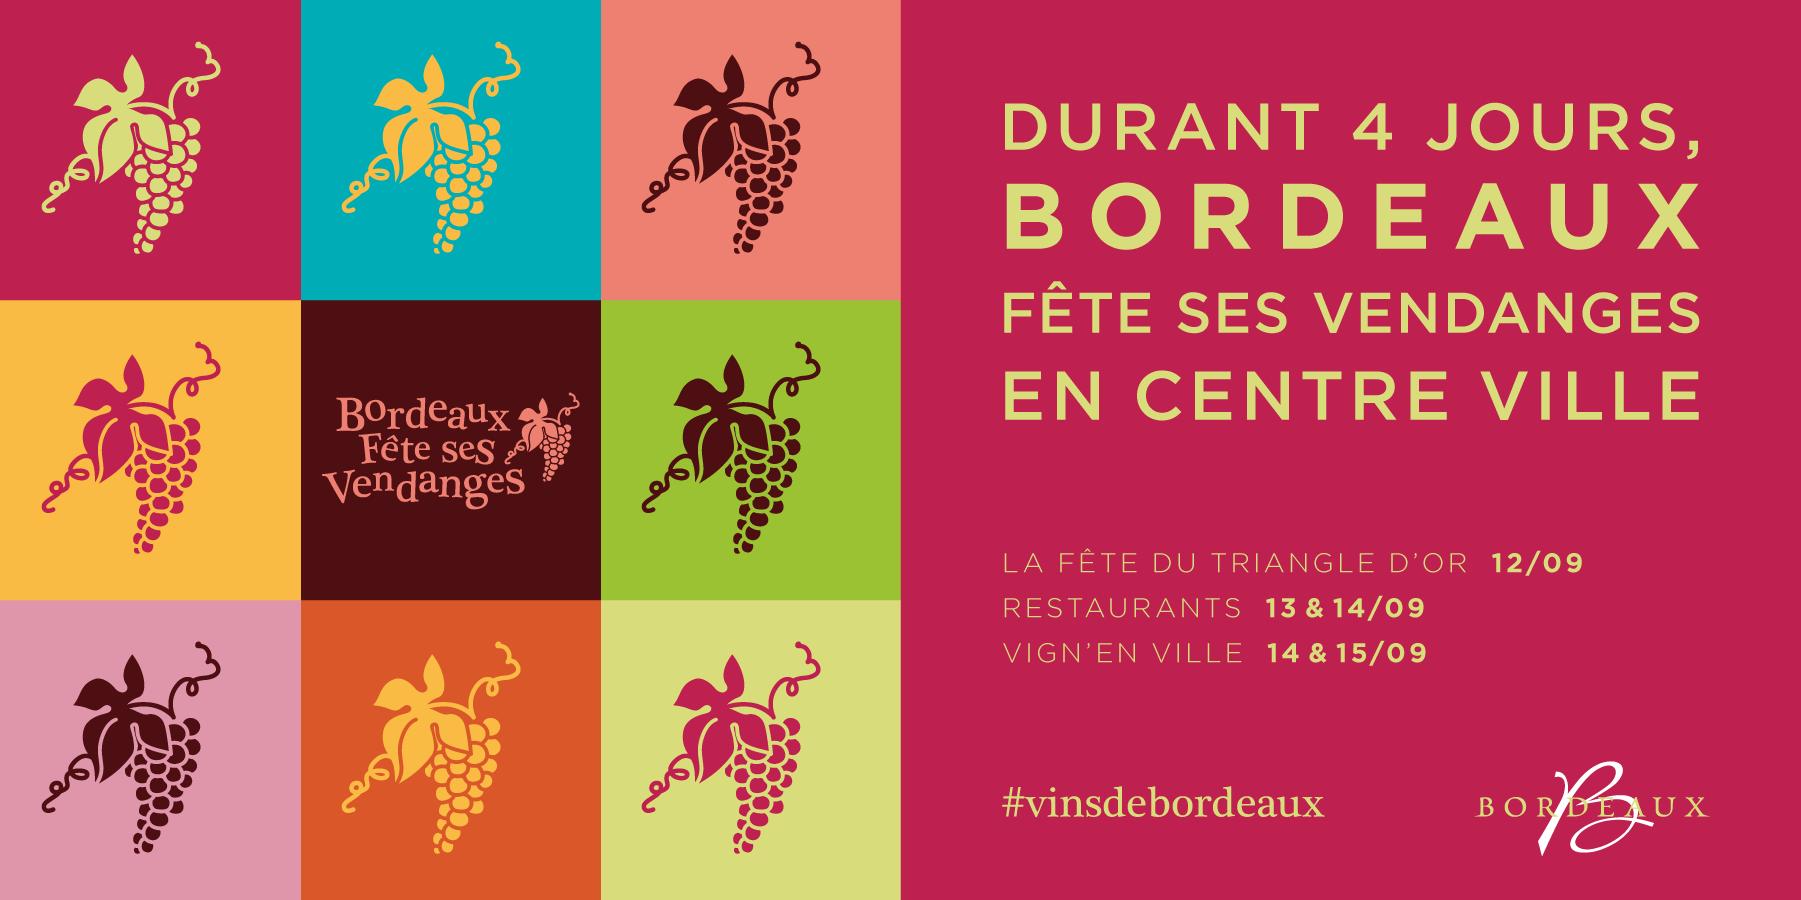 La fête des vendanges approche, 4 jours de fête se préparent à Bordeaux !